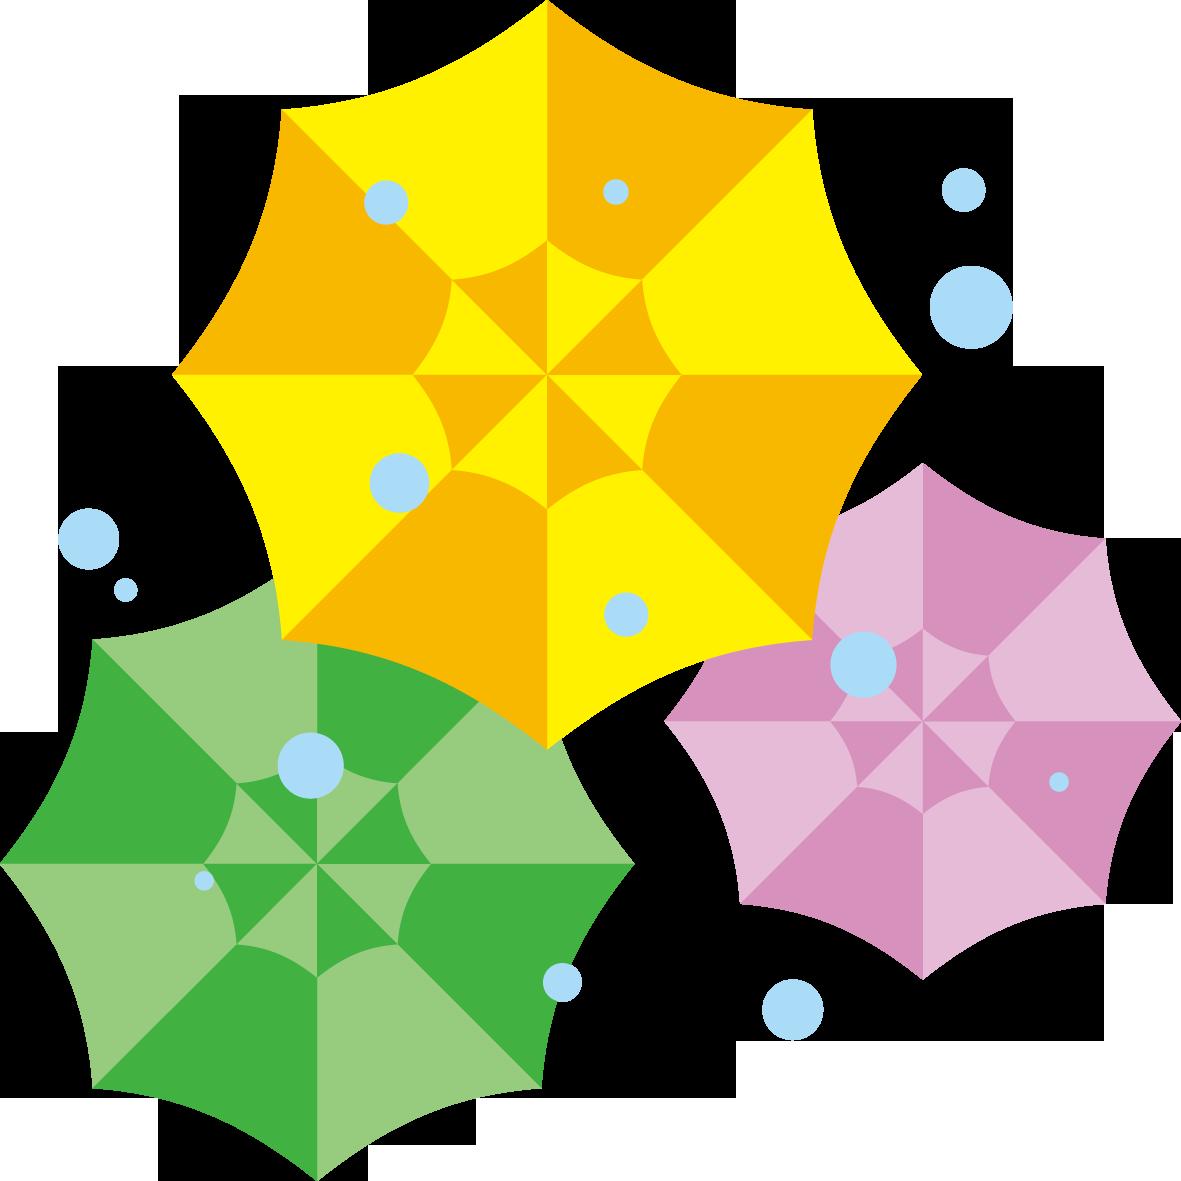 梅雨のイラスト素材を配布しているサイトまとめ【商用利用可・無料